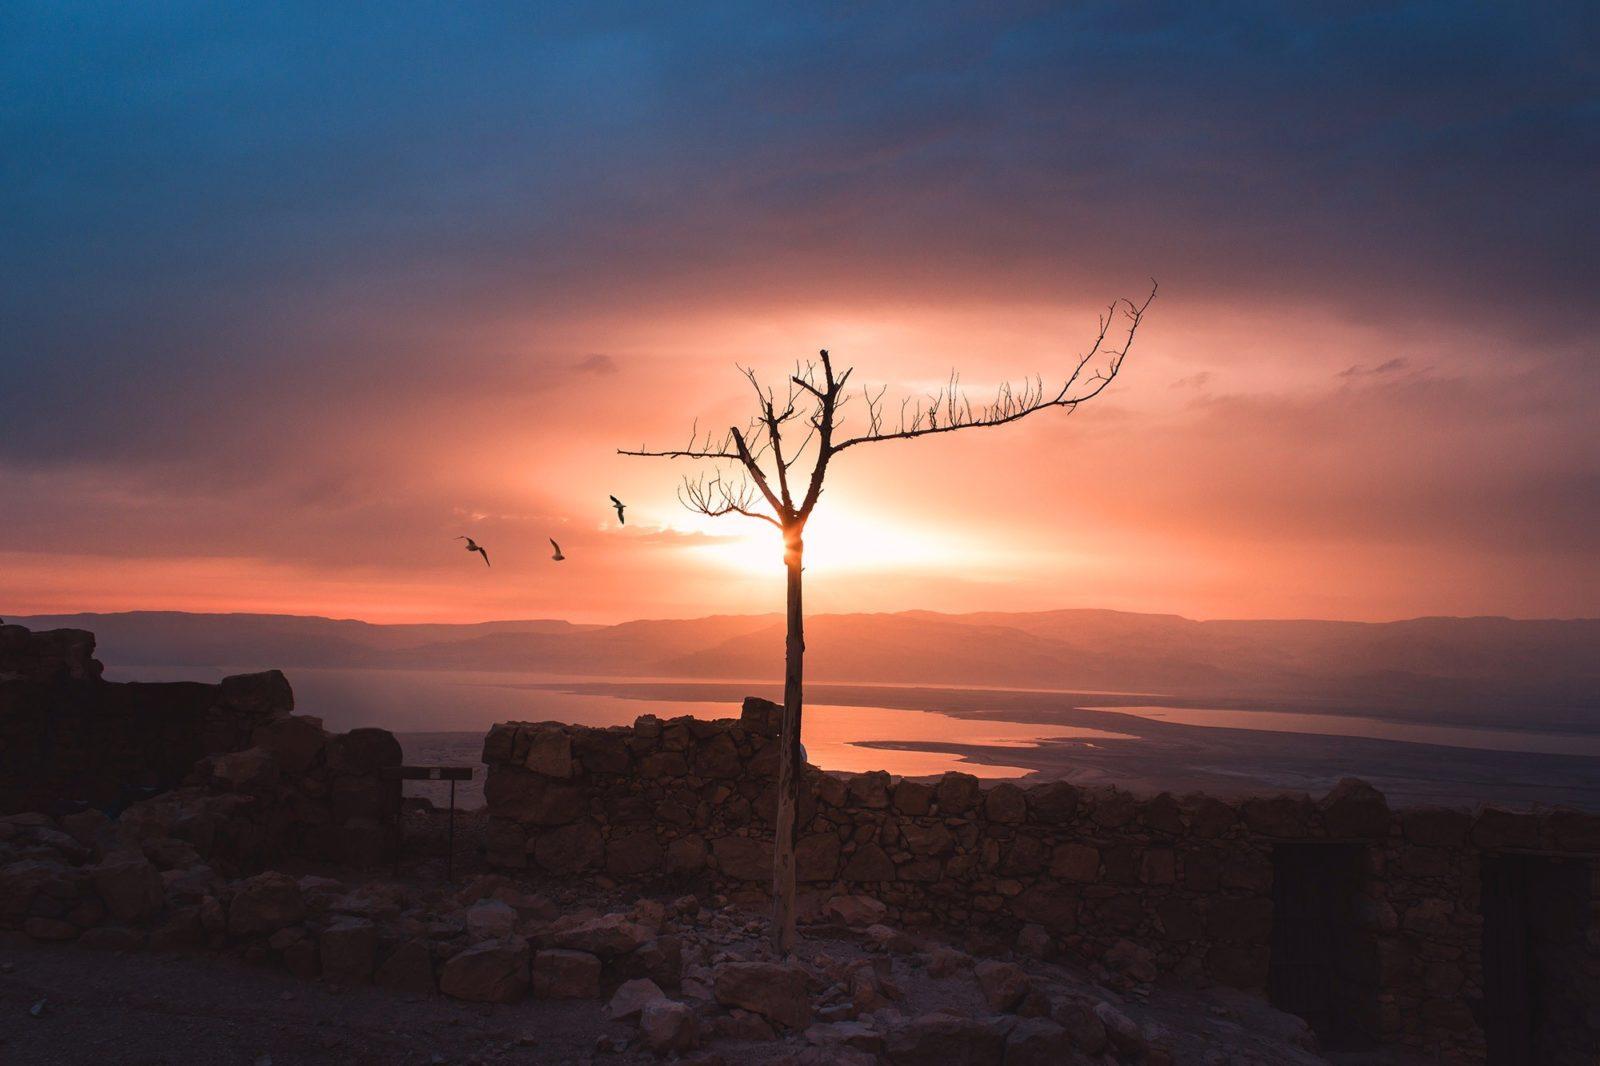 Sunrise in Masada